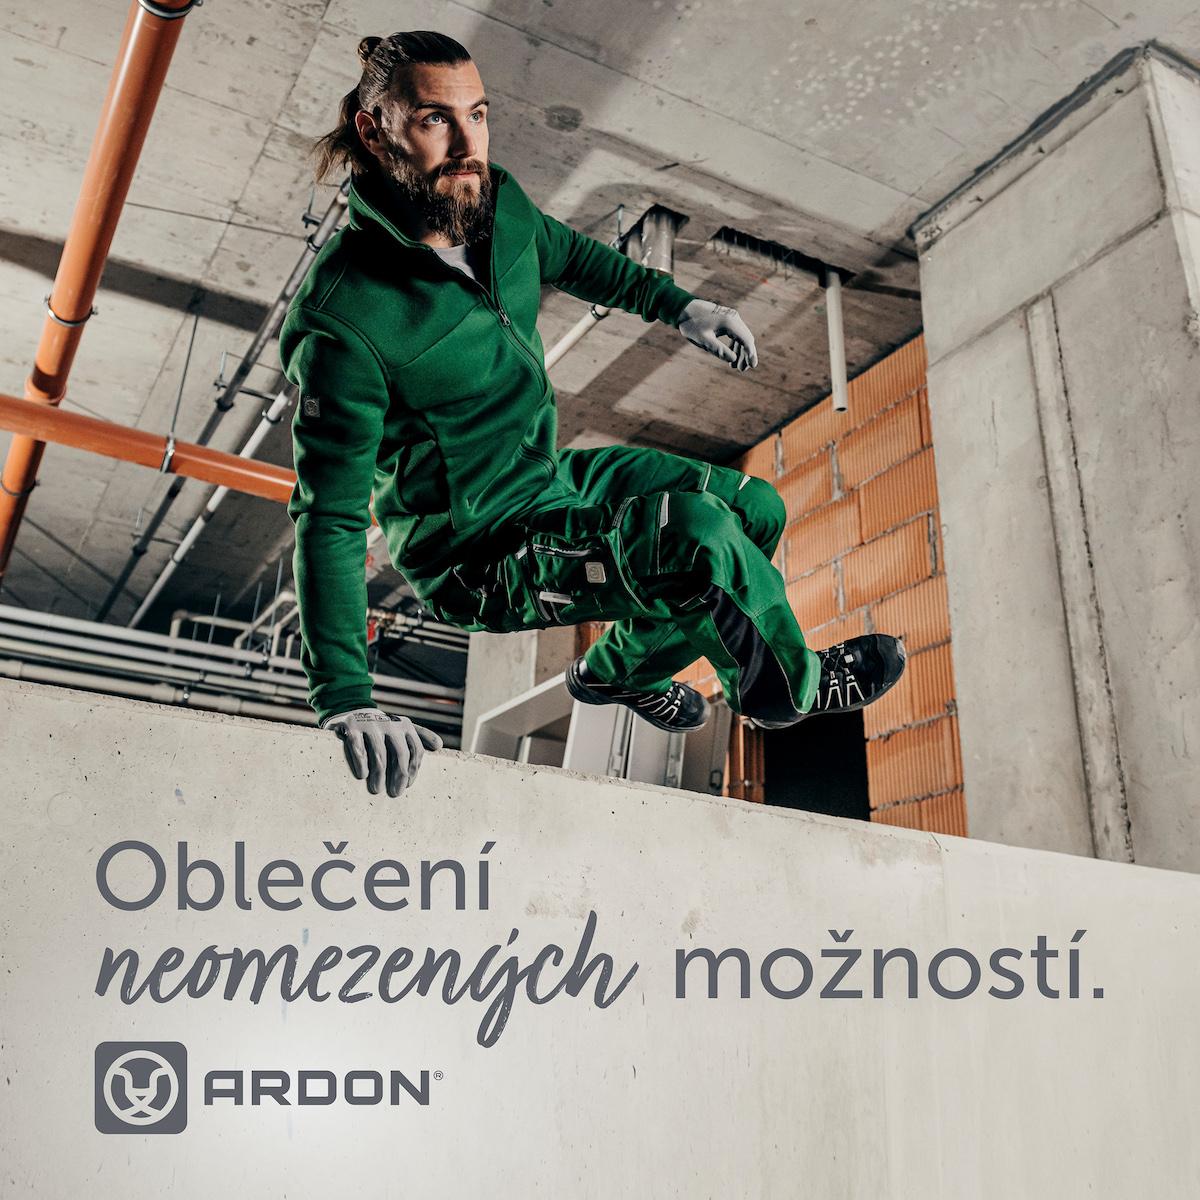 Z kampaně podzimní kolekce značky Ardon